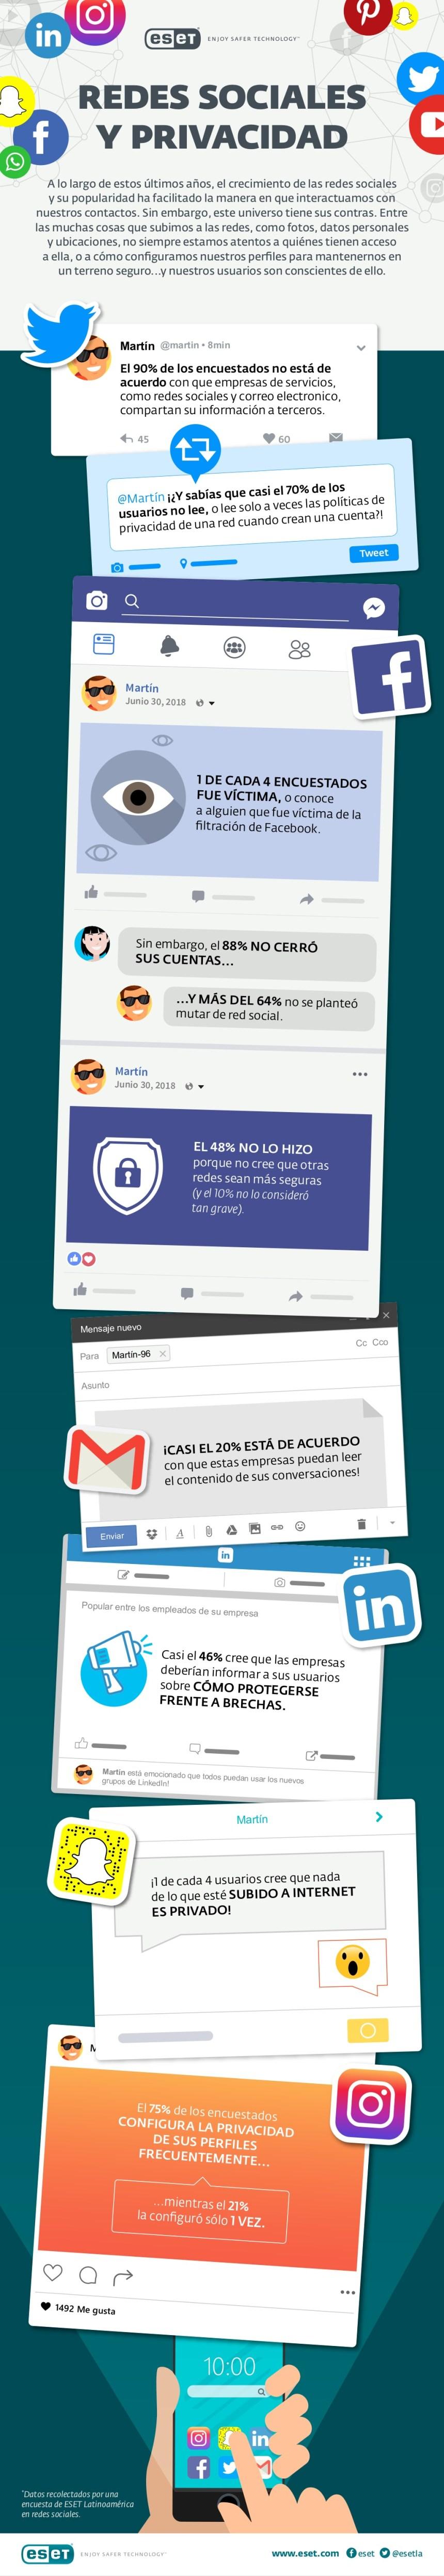 Redes Sociales y privacidad #infografia #infographic #socialmedia